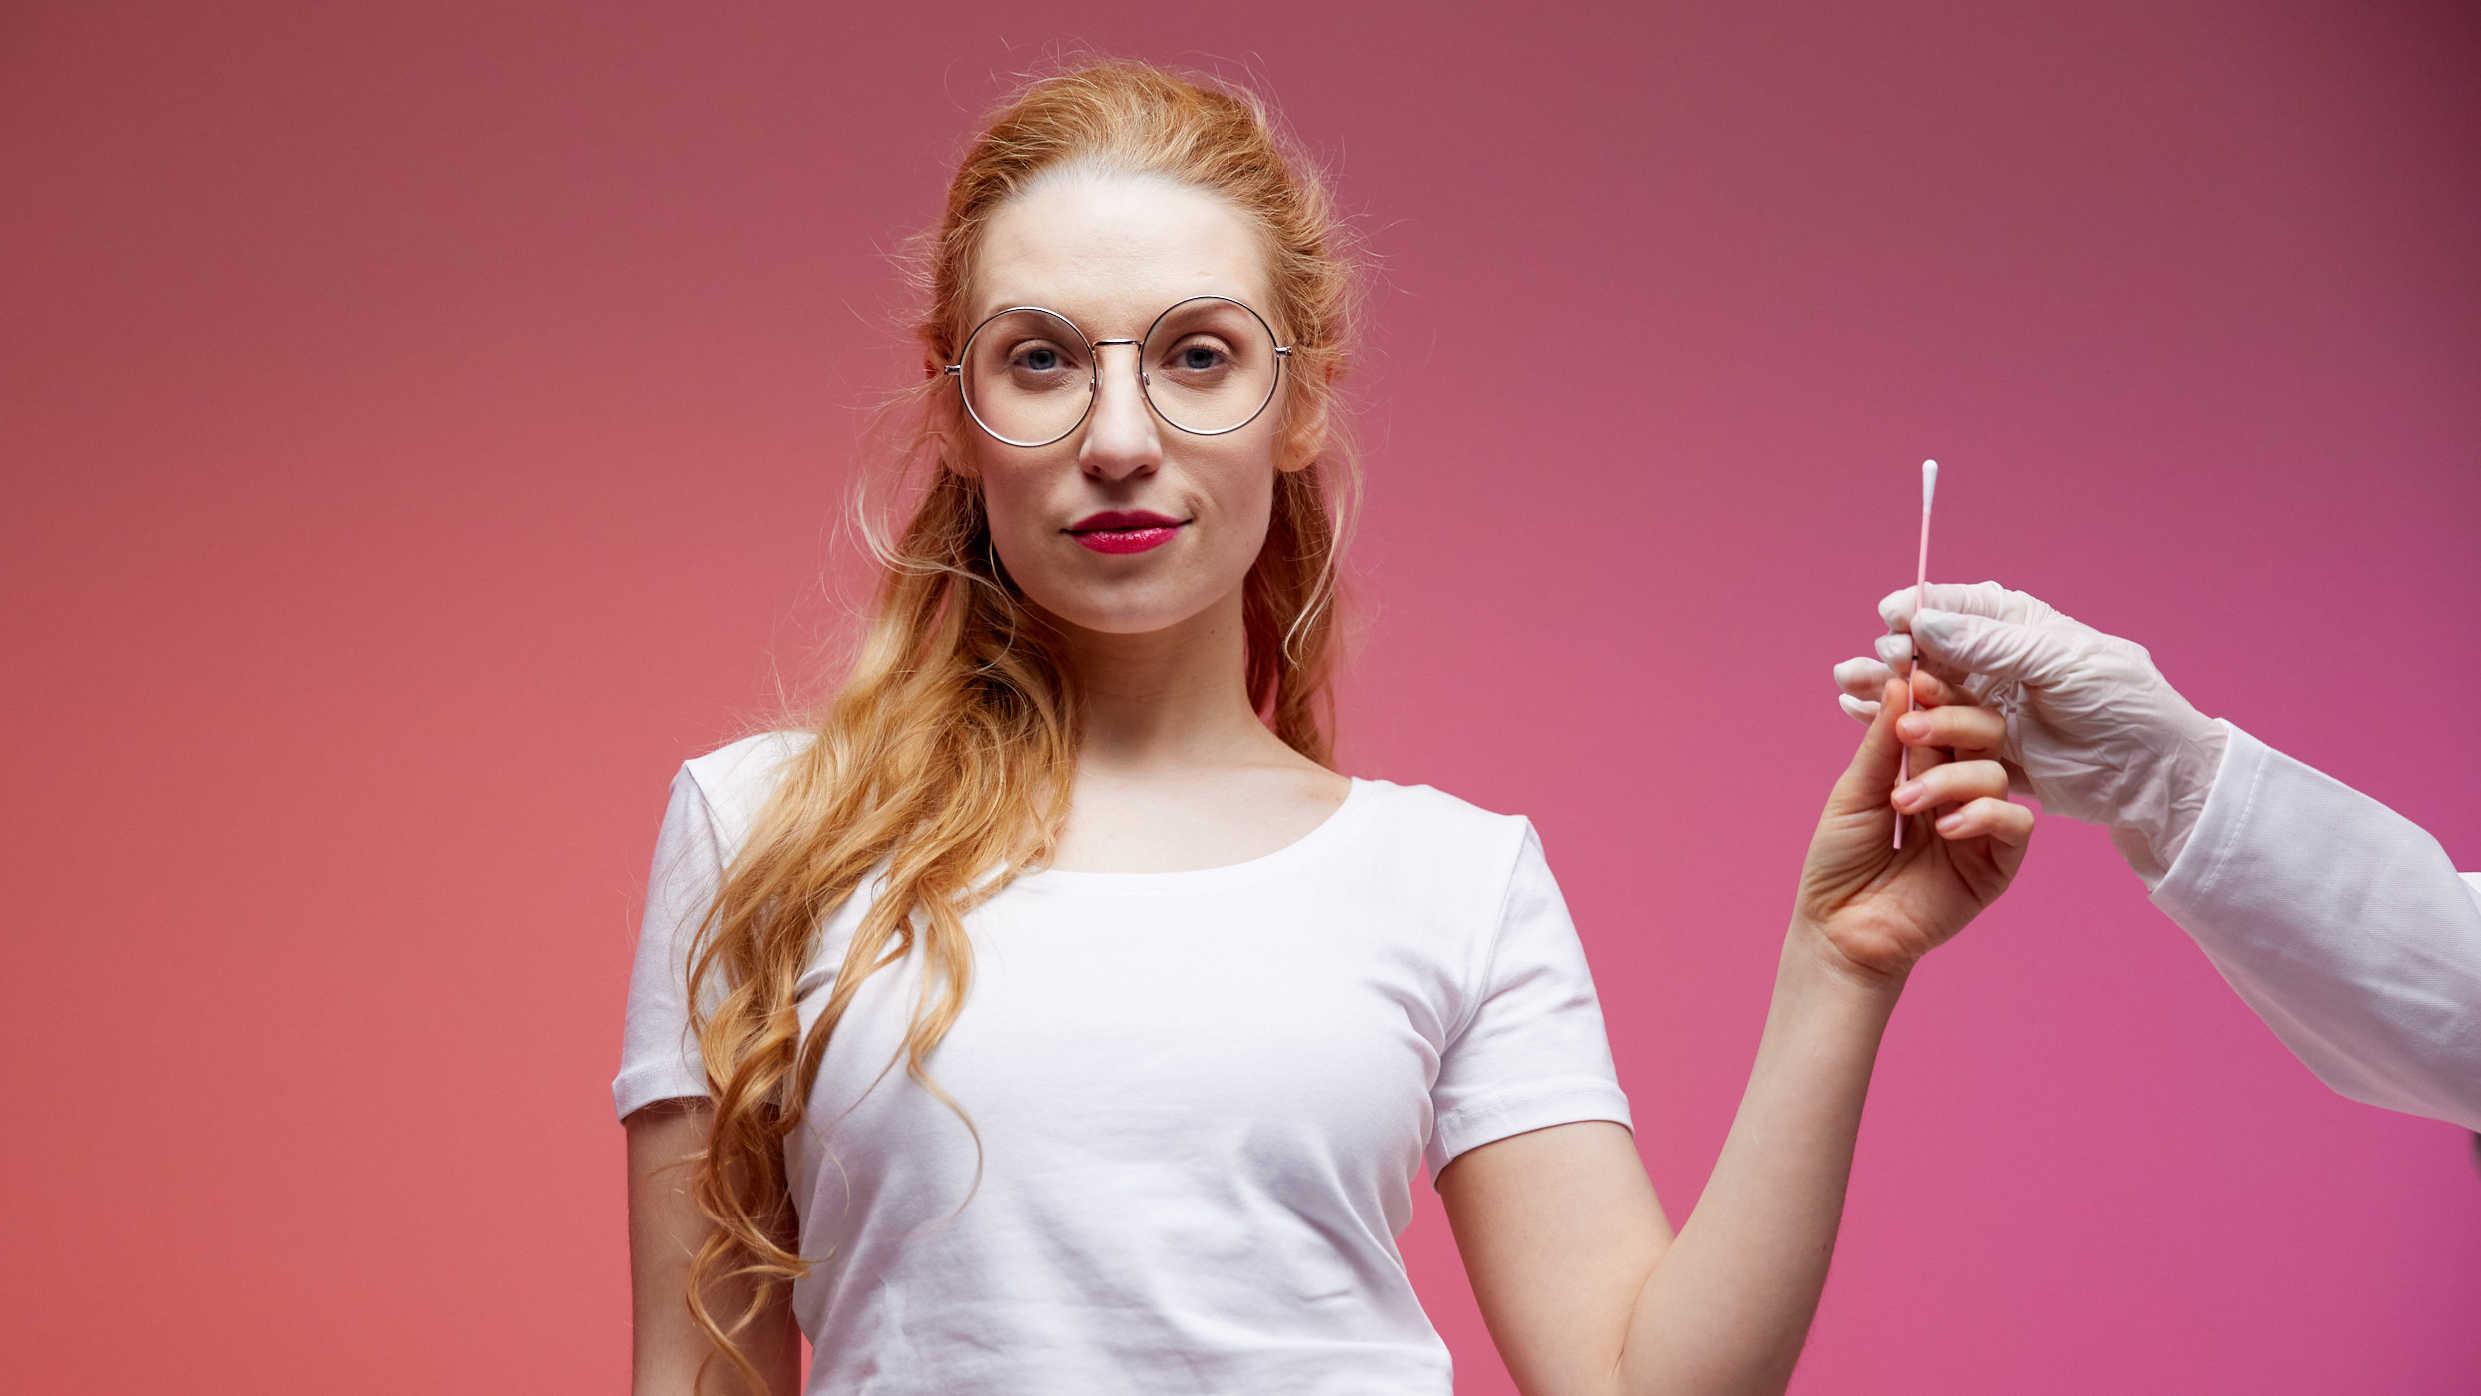 Geschlechtskrankheiten Test Hausarzt Kosten - The Female